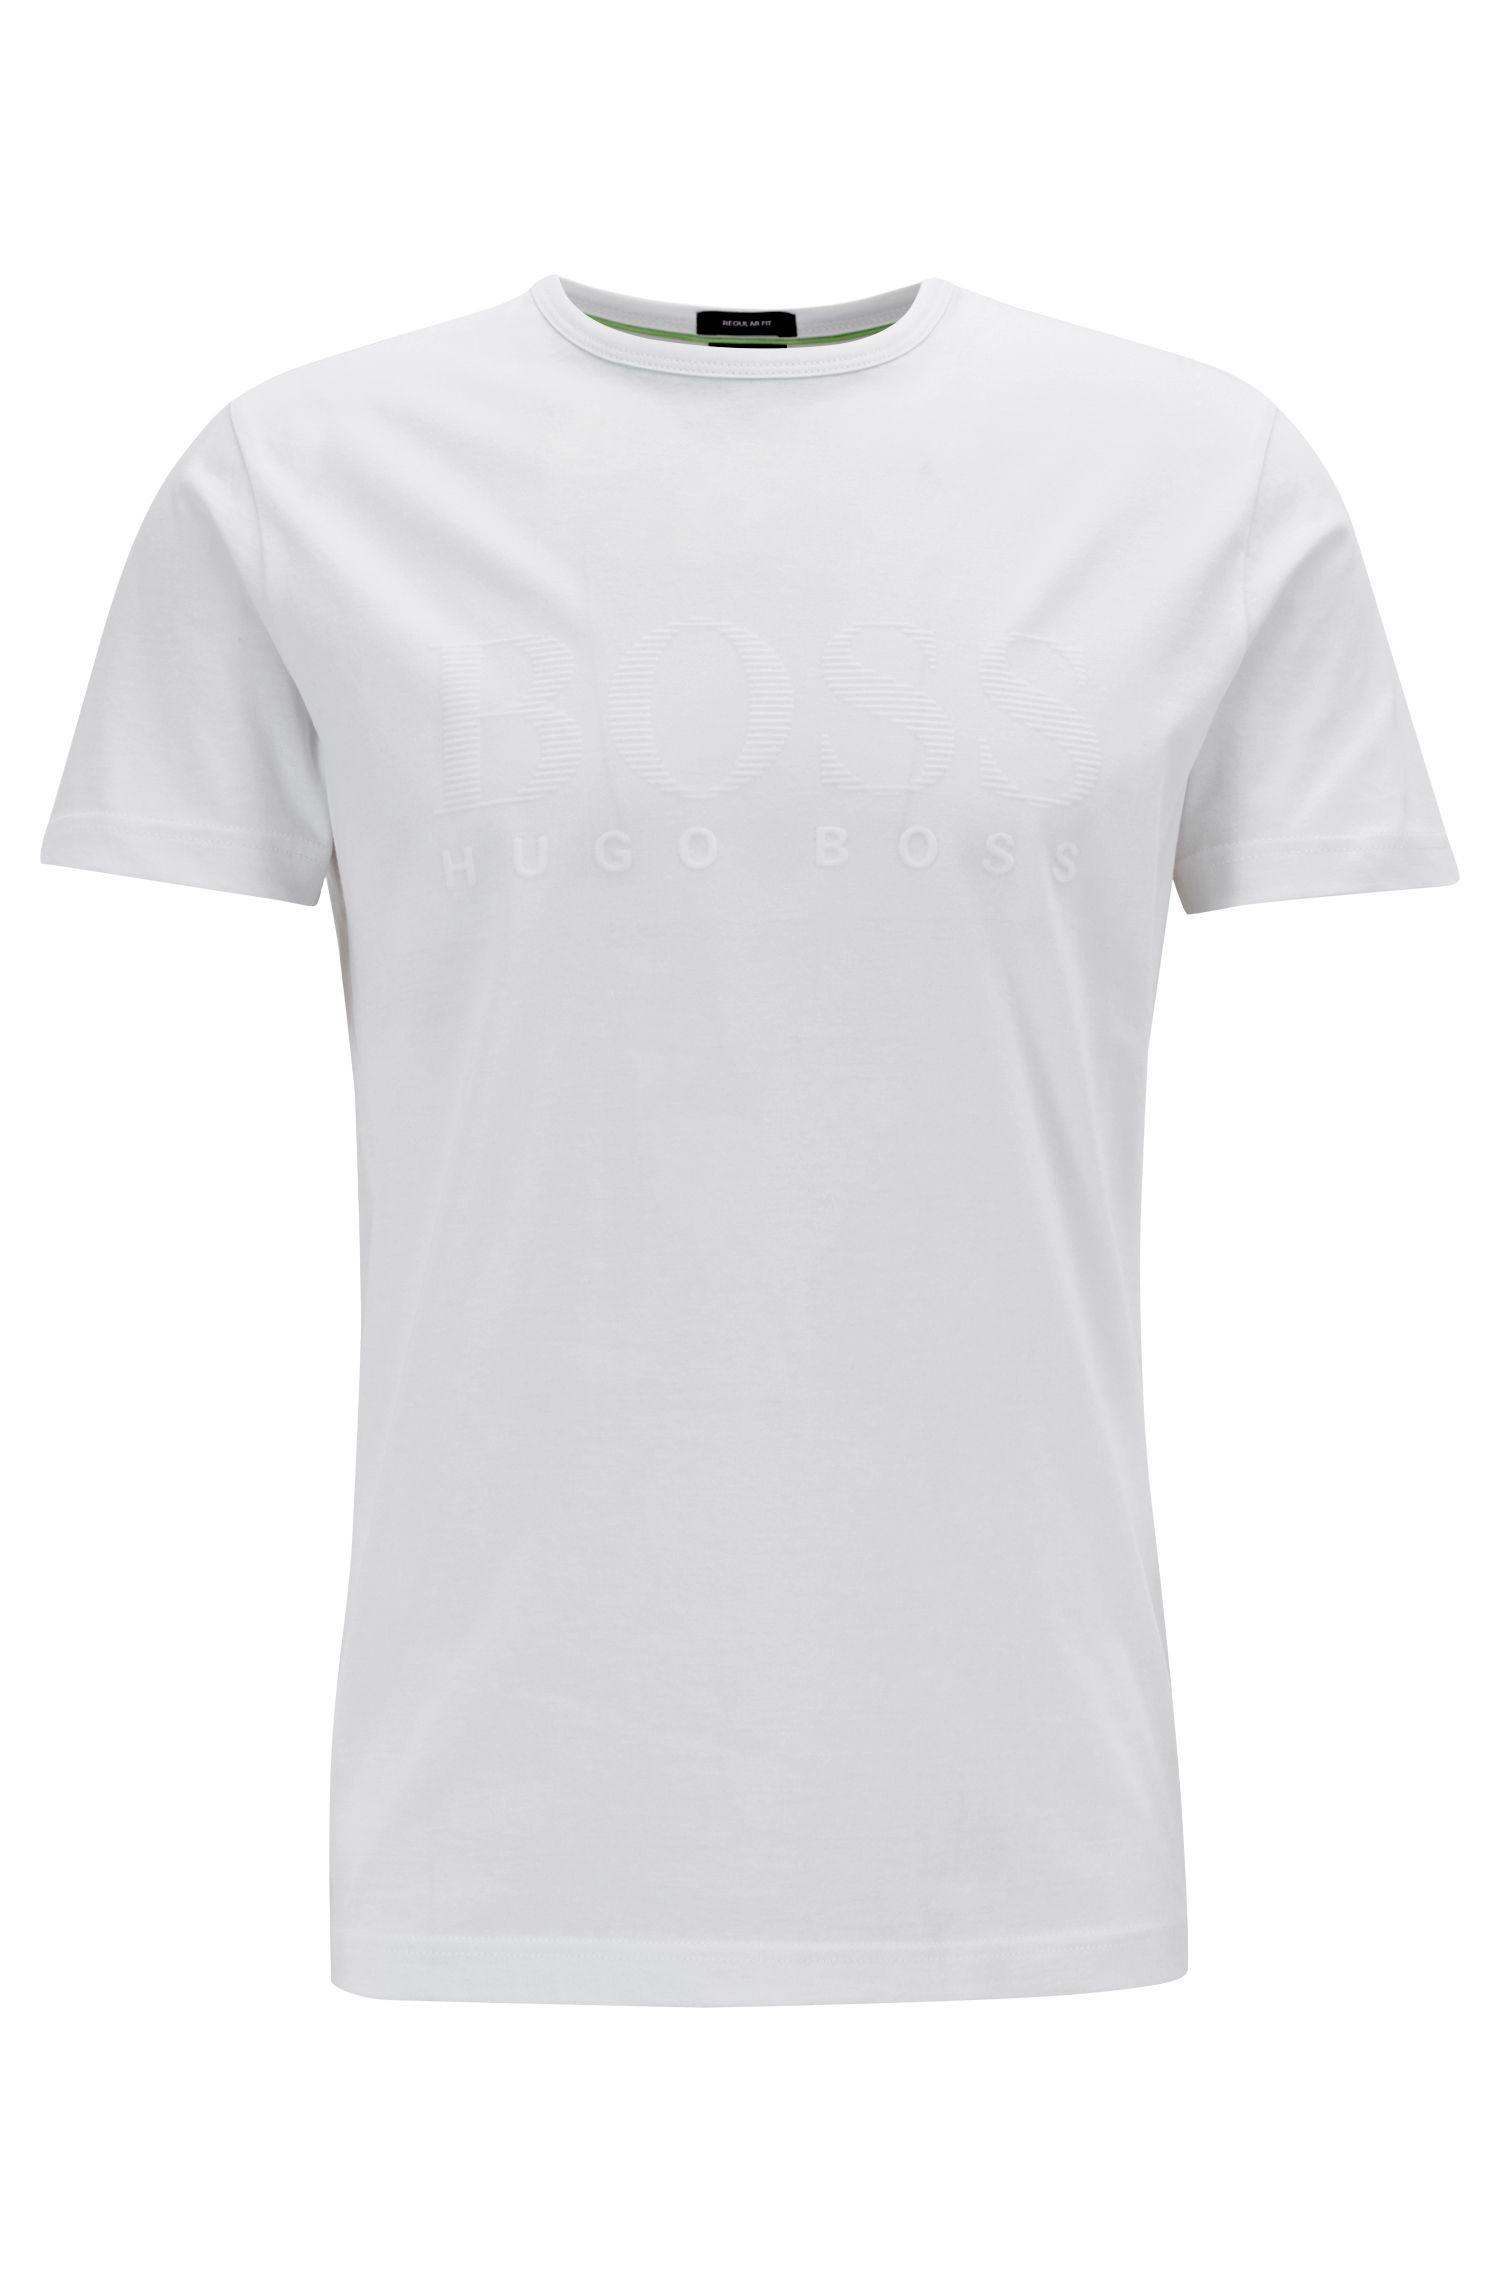 Cotton T-shirt with tonal logo print, White